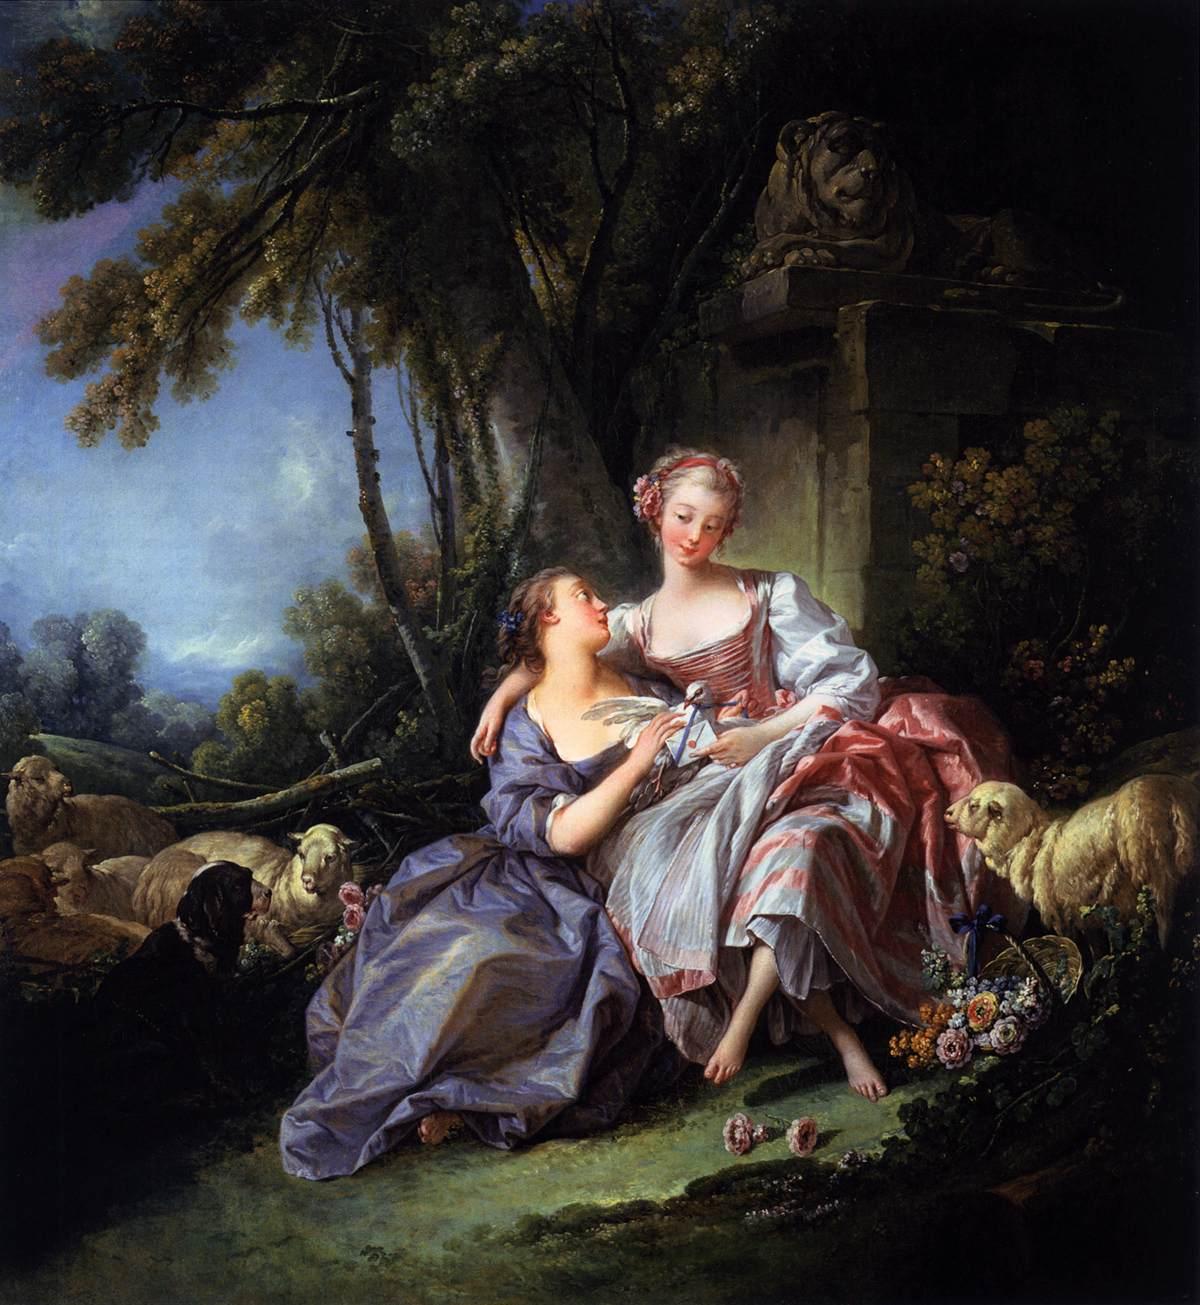 François-Boucher-The-Love-Letter.jpg